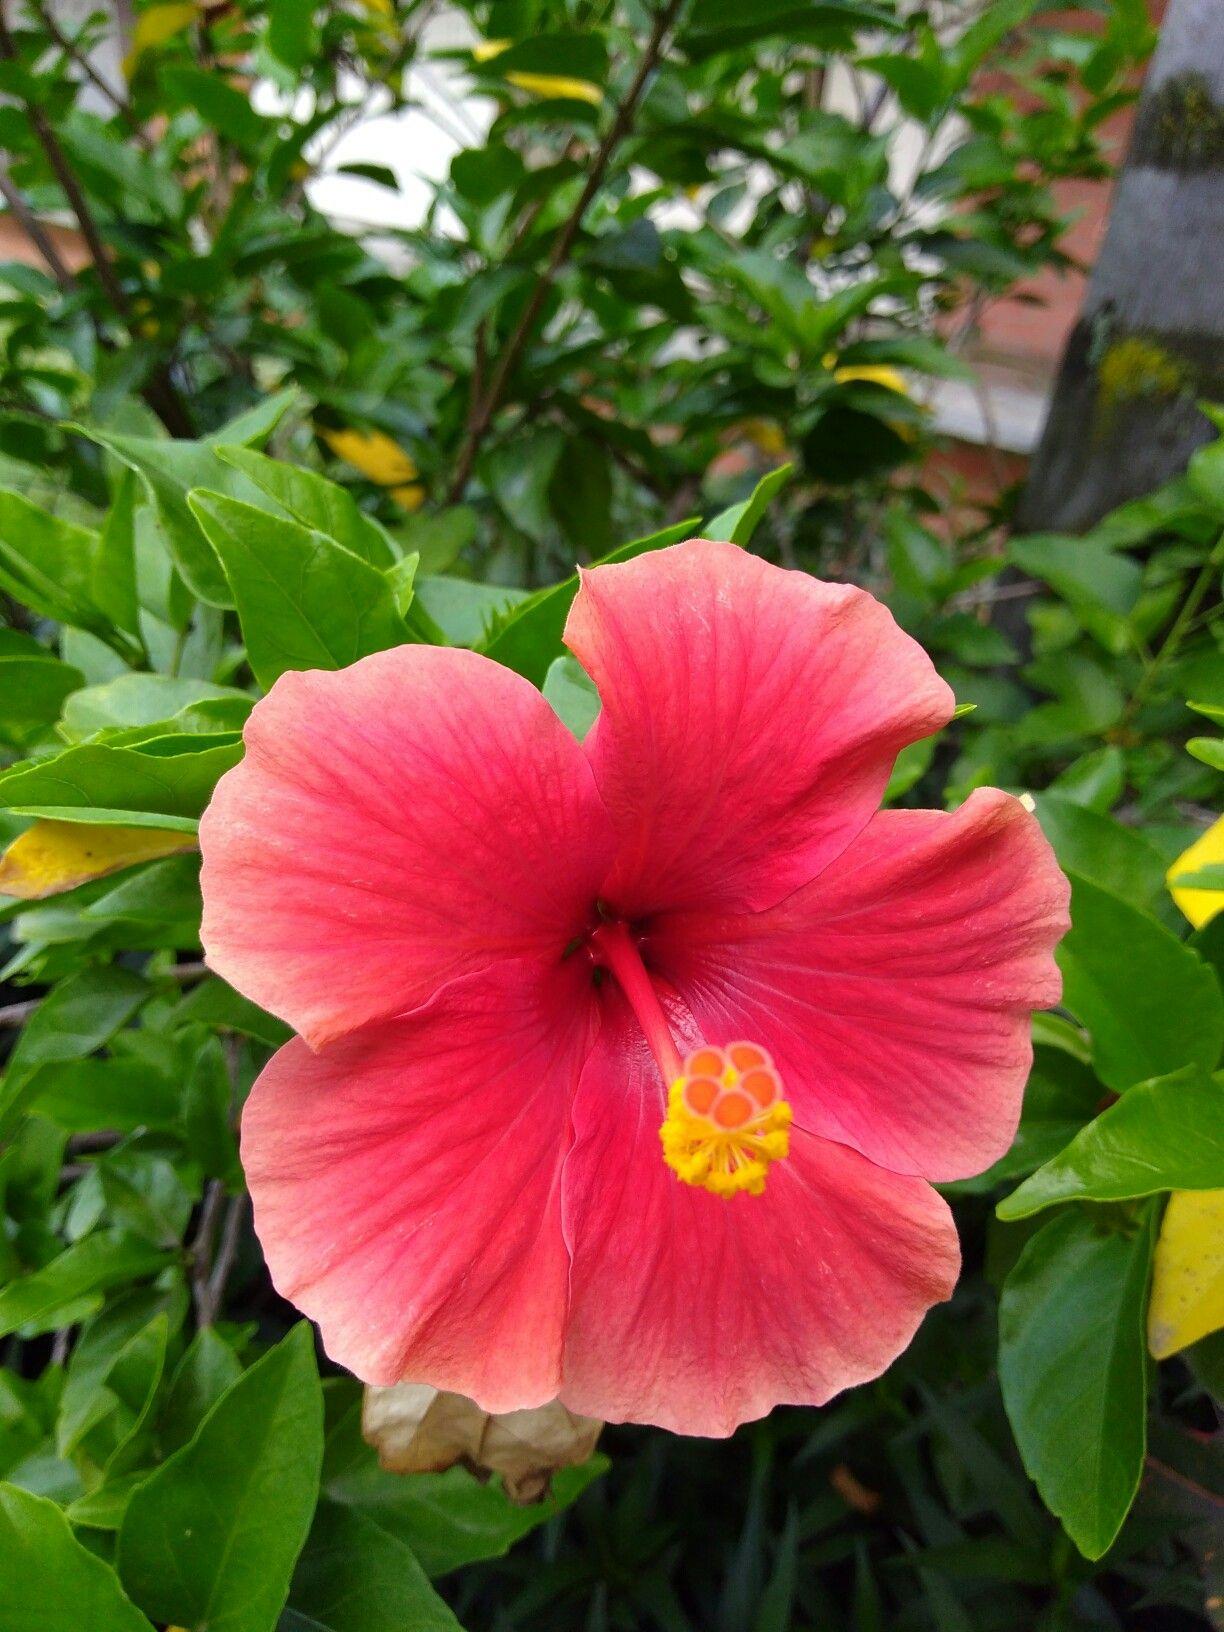 Belleza naturaleza pureza flowers pinterest flower tree belleza naturaleza pureza flower treebeautiful izmirmasajfo